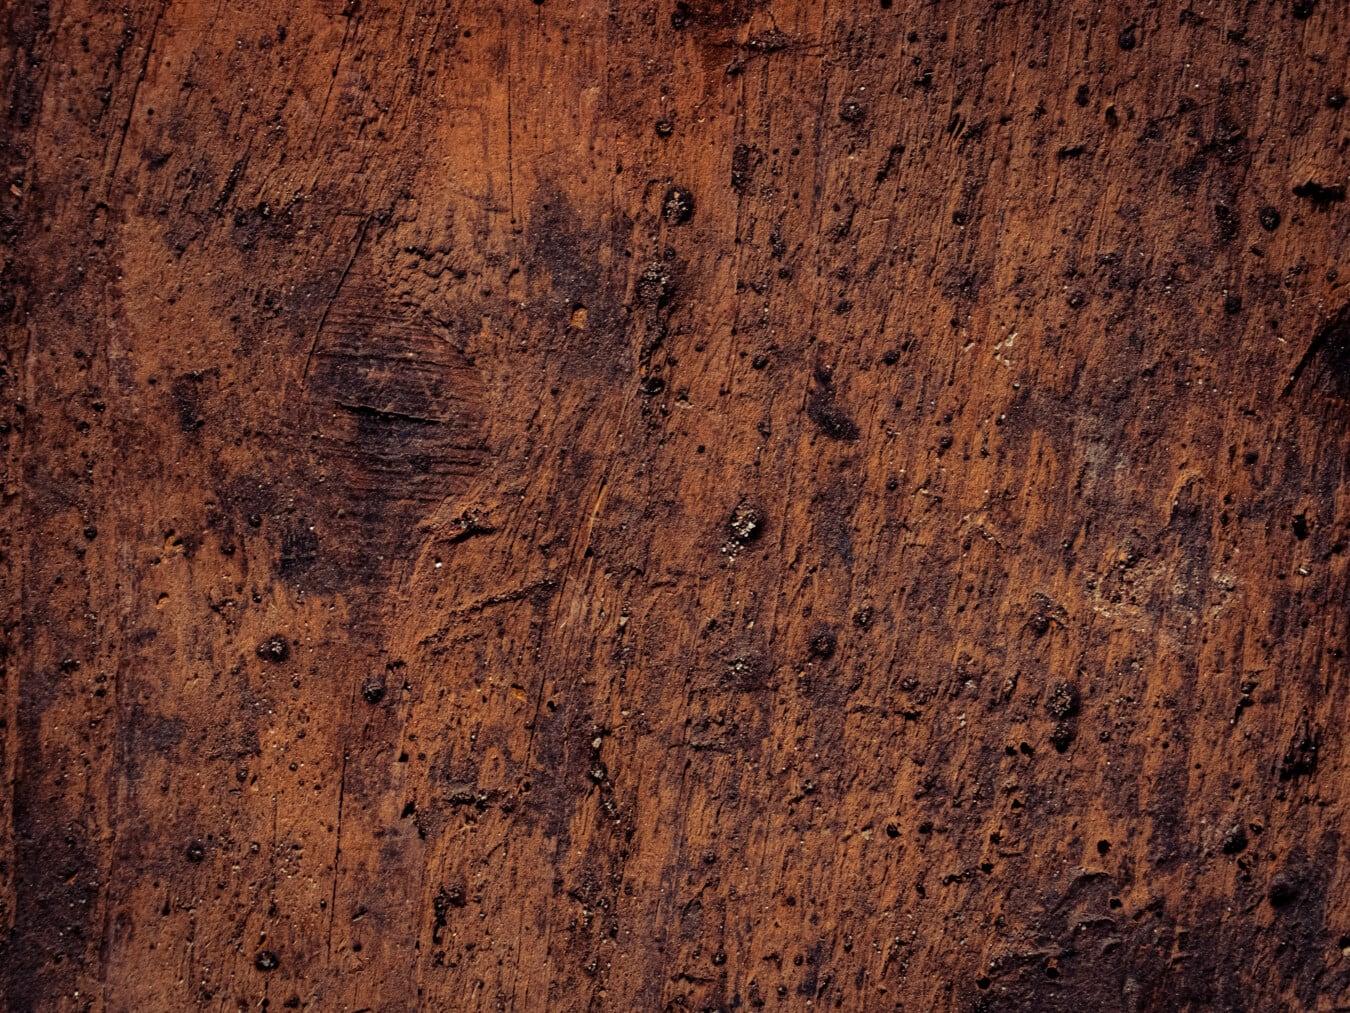 Planken, Knot, Details, Hartholz, verlassener, Textur, Verfall, Holz, Grunge, Oberfläche